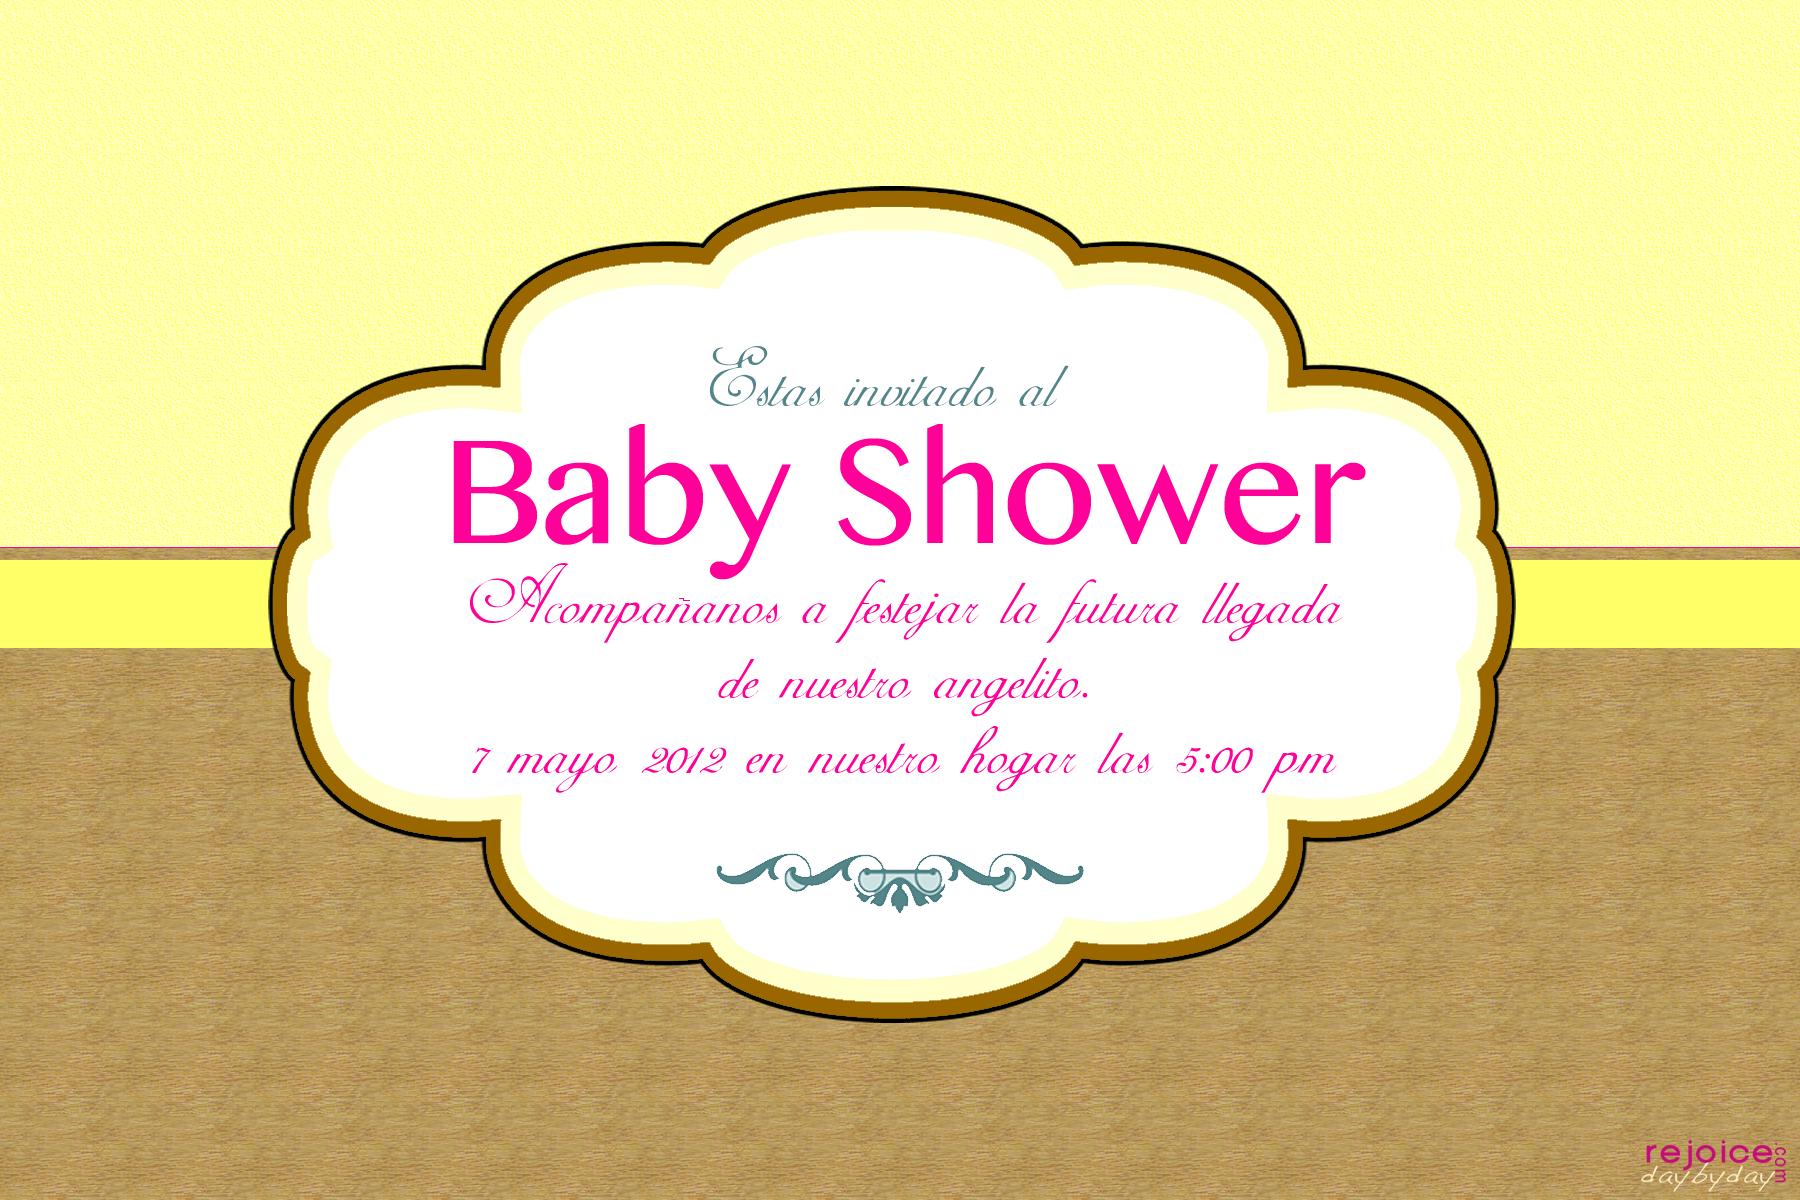 Versiculos biblicos para baby shower - Imagui